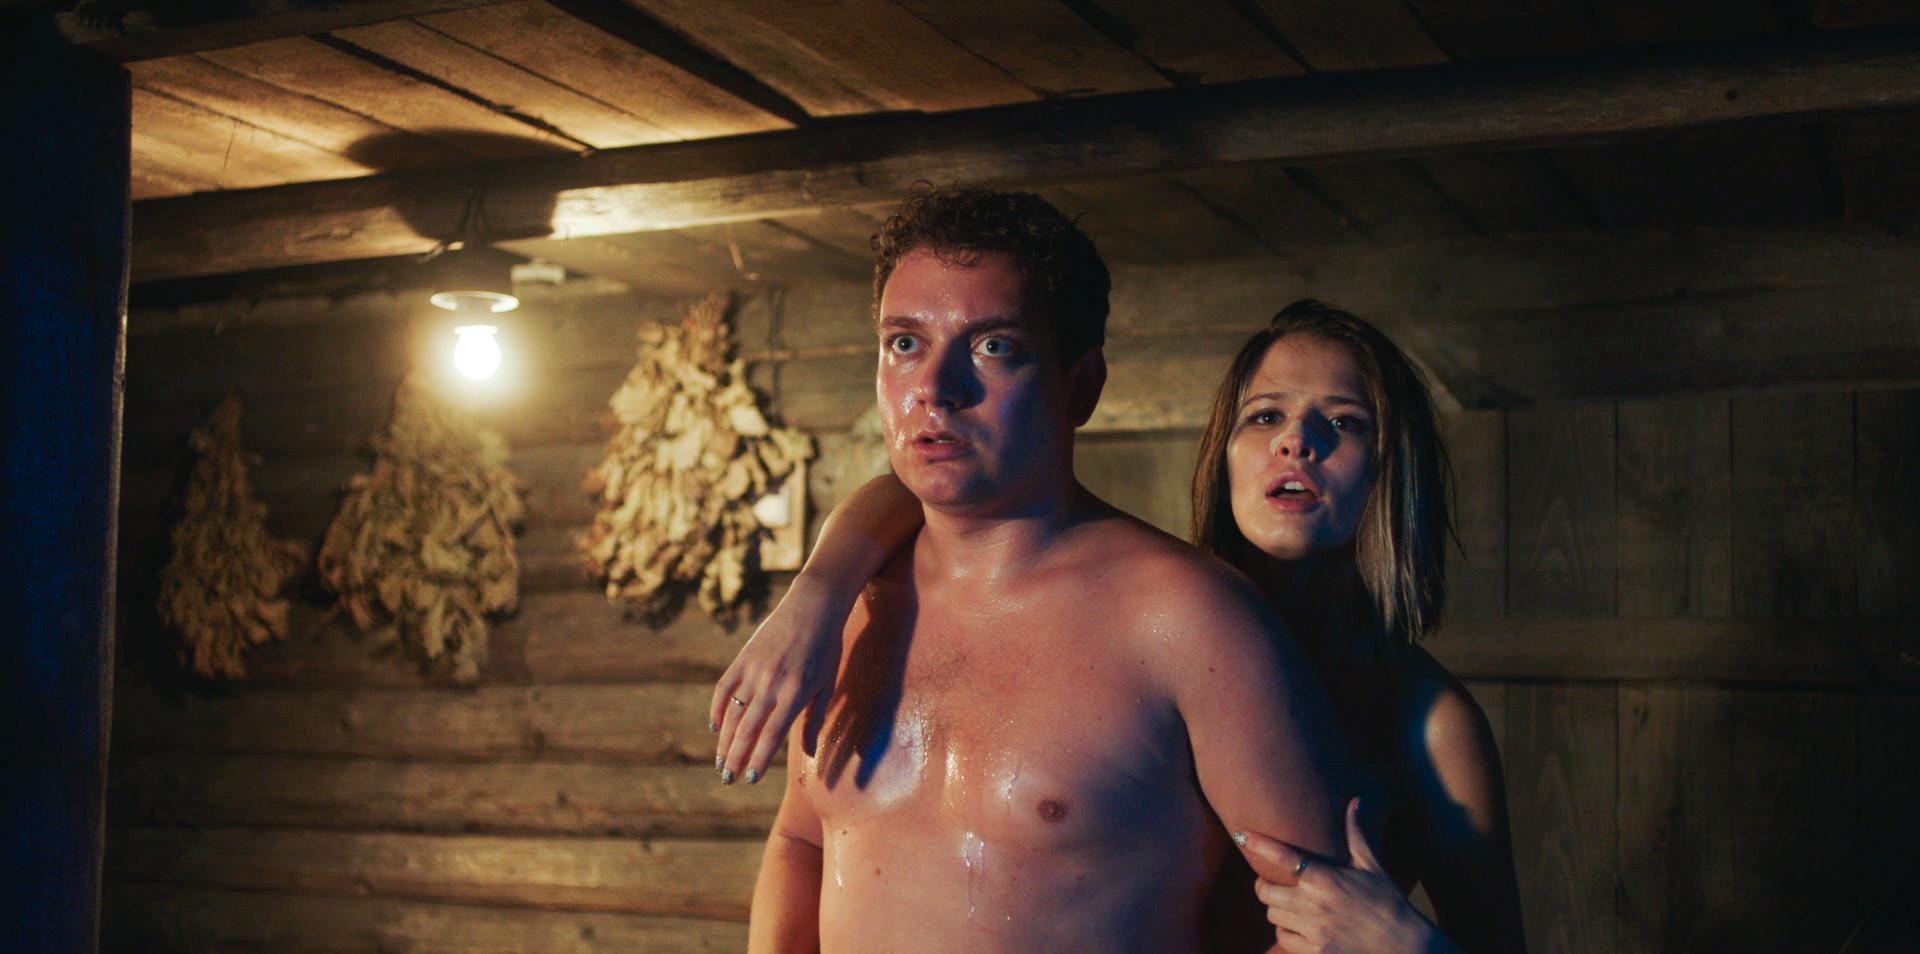 Видео голые из русских фильмов смотреть онлайн, жену друга трахал в машину